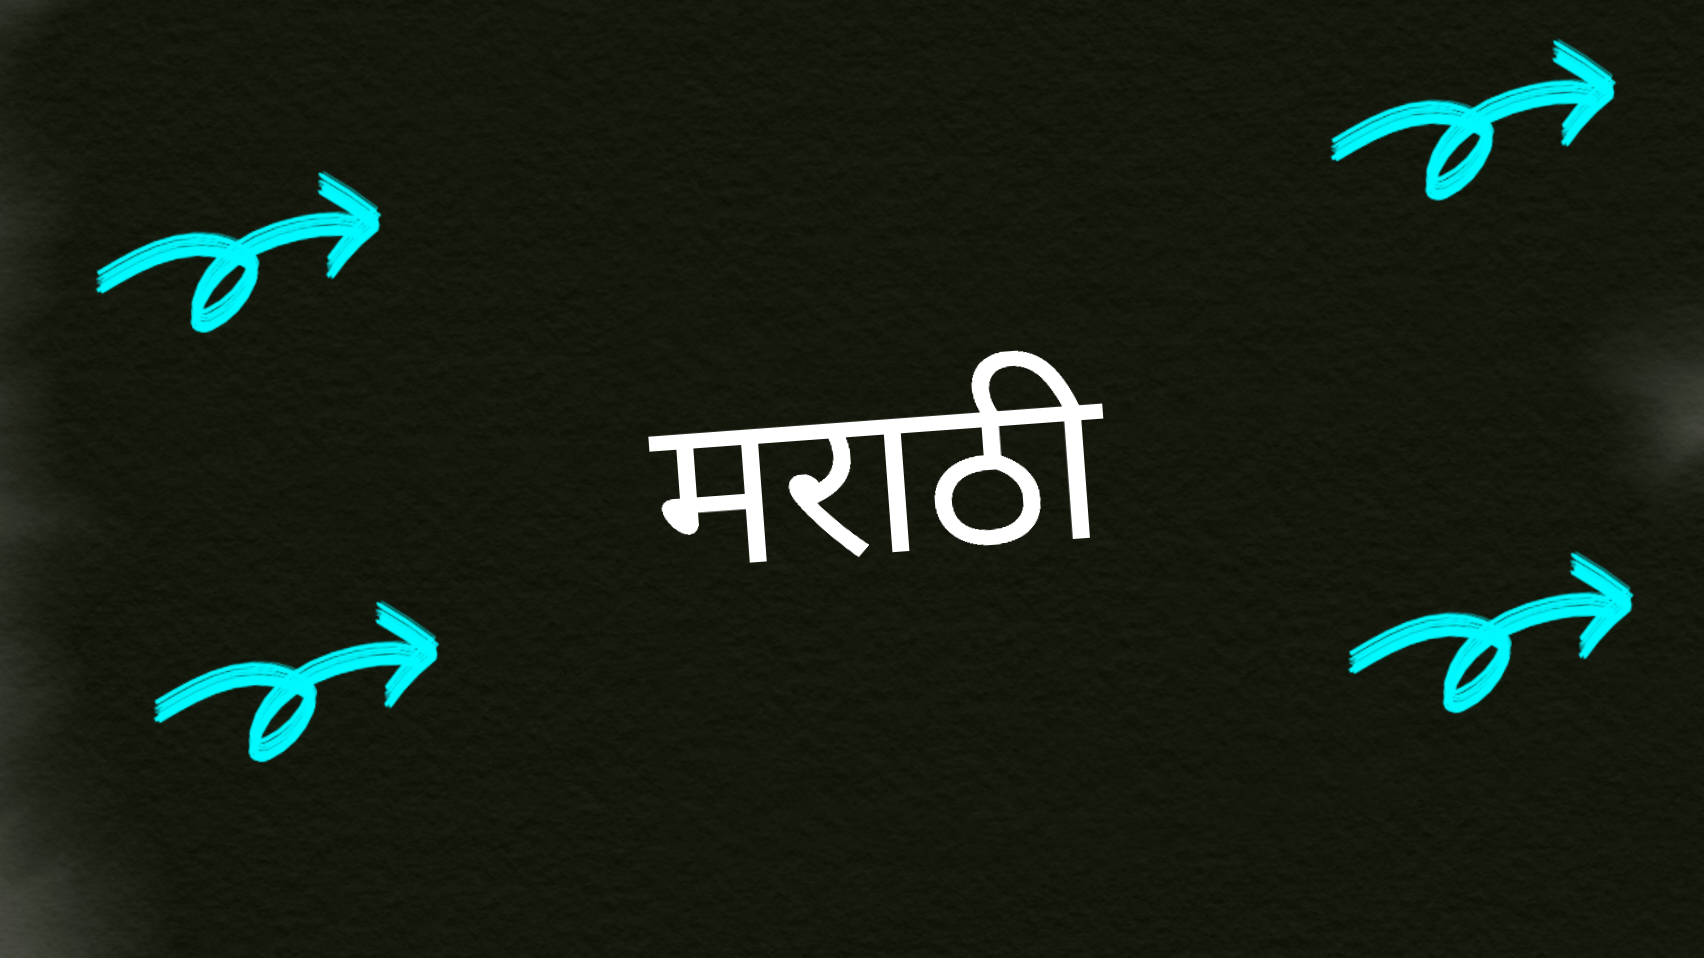 प्रमाणभूत भाषिक धारणांचे पुनर्मूल्यांकन गरजेचे – भाग ४